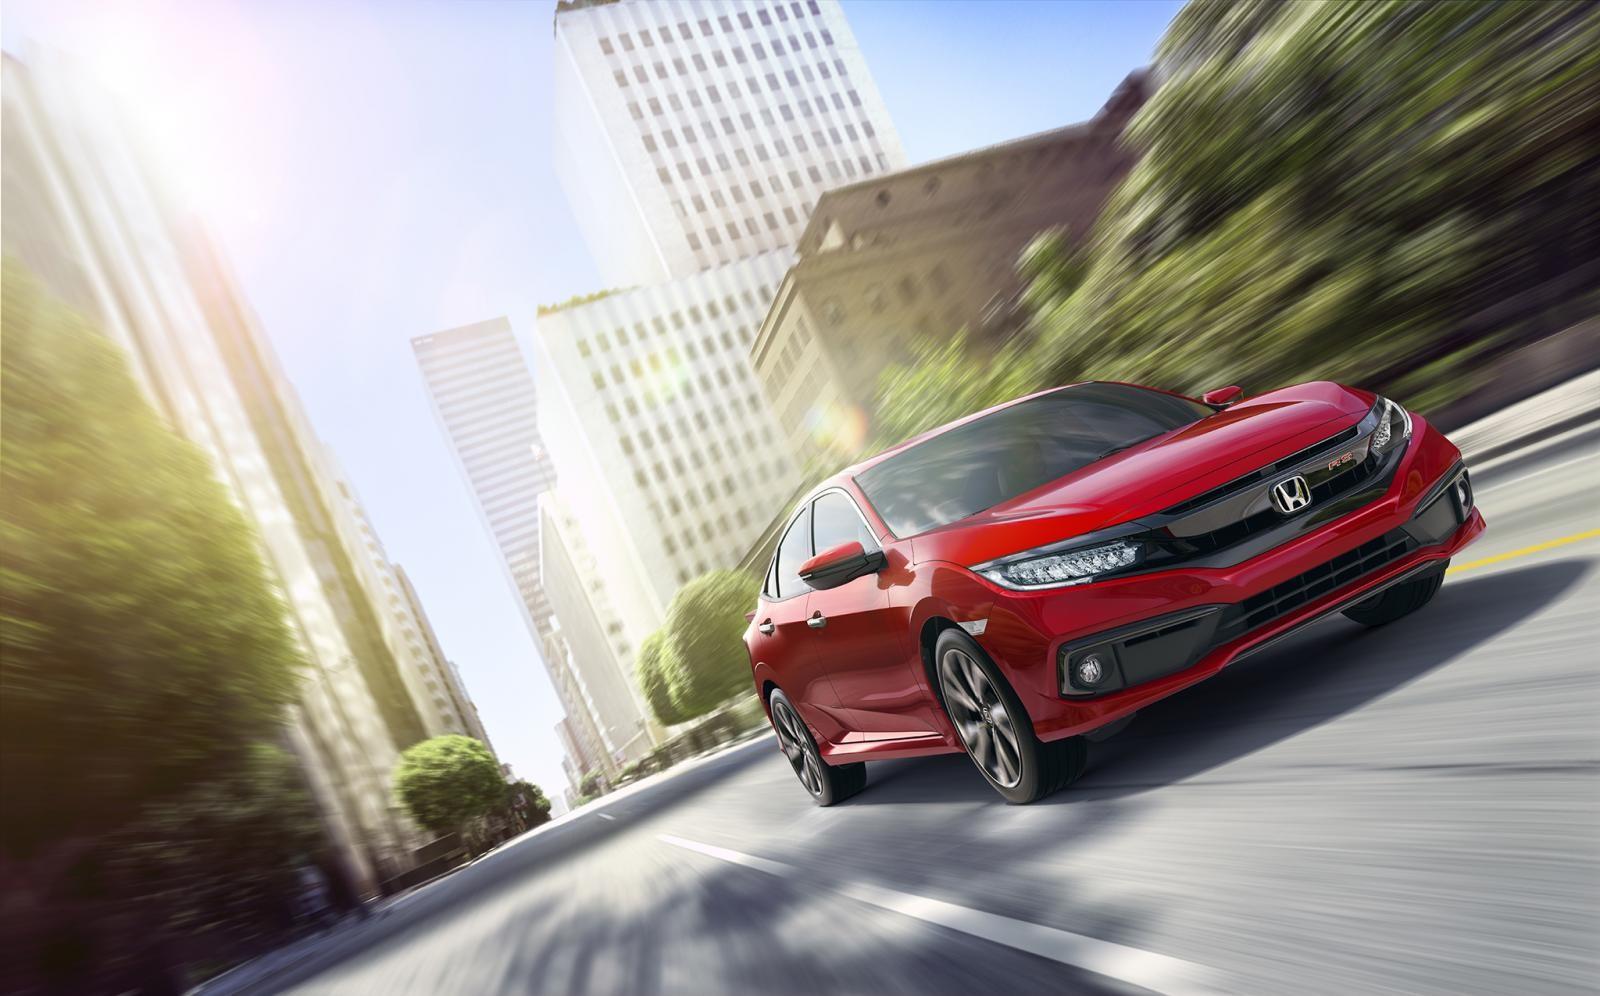 Honda Civic Turbo thêm phiên bản RS cá tính hơn, thể thao hơn.